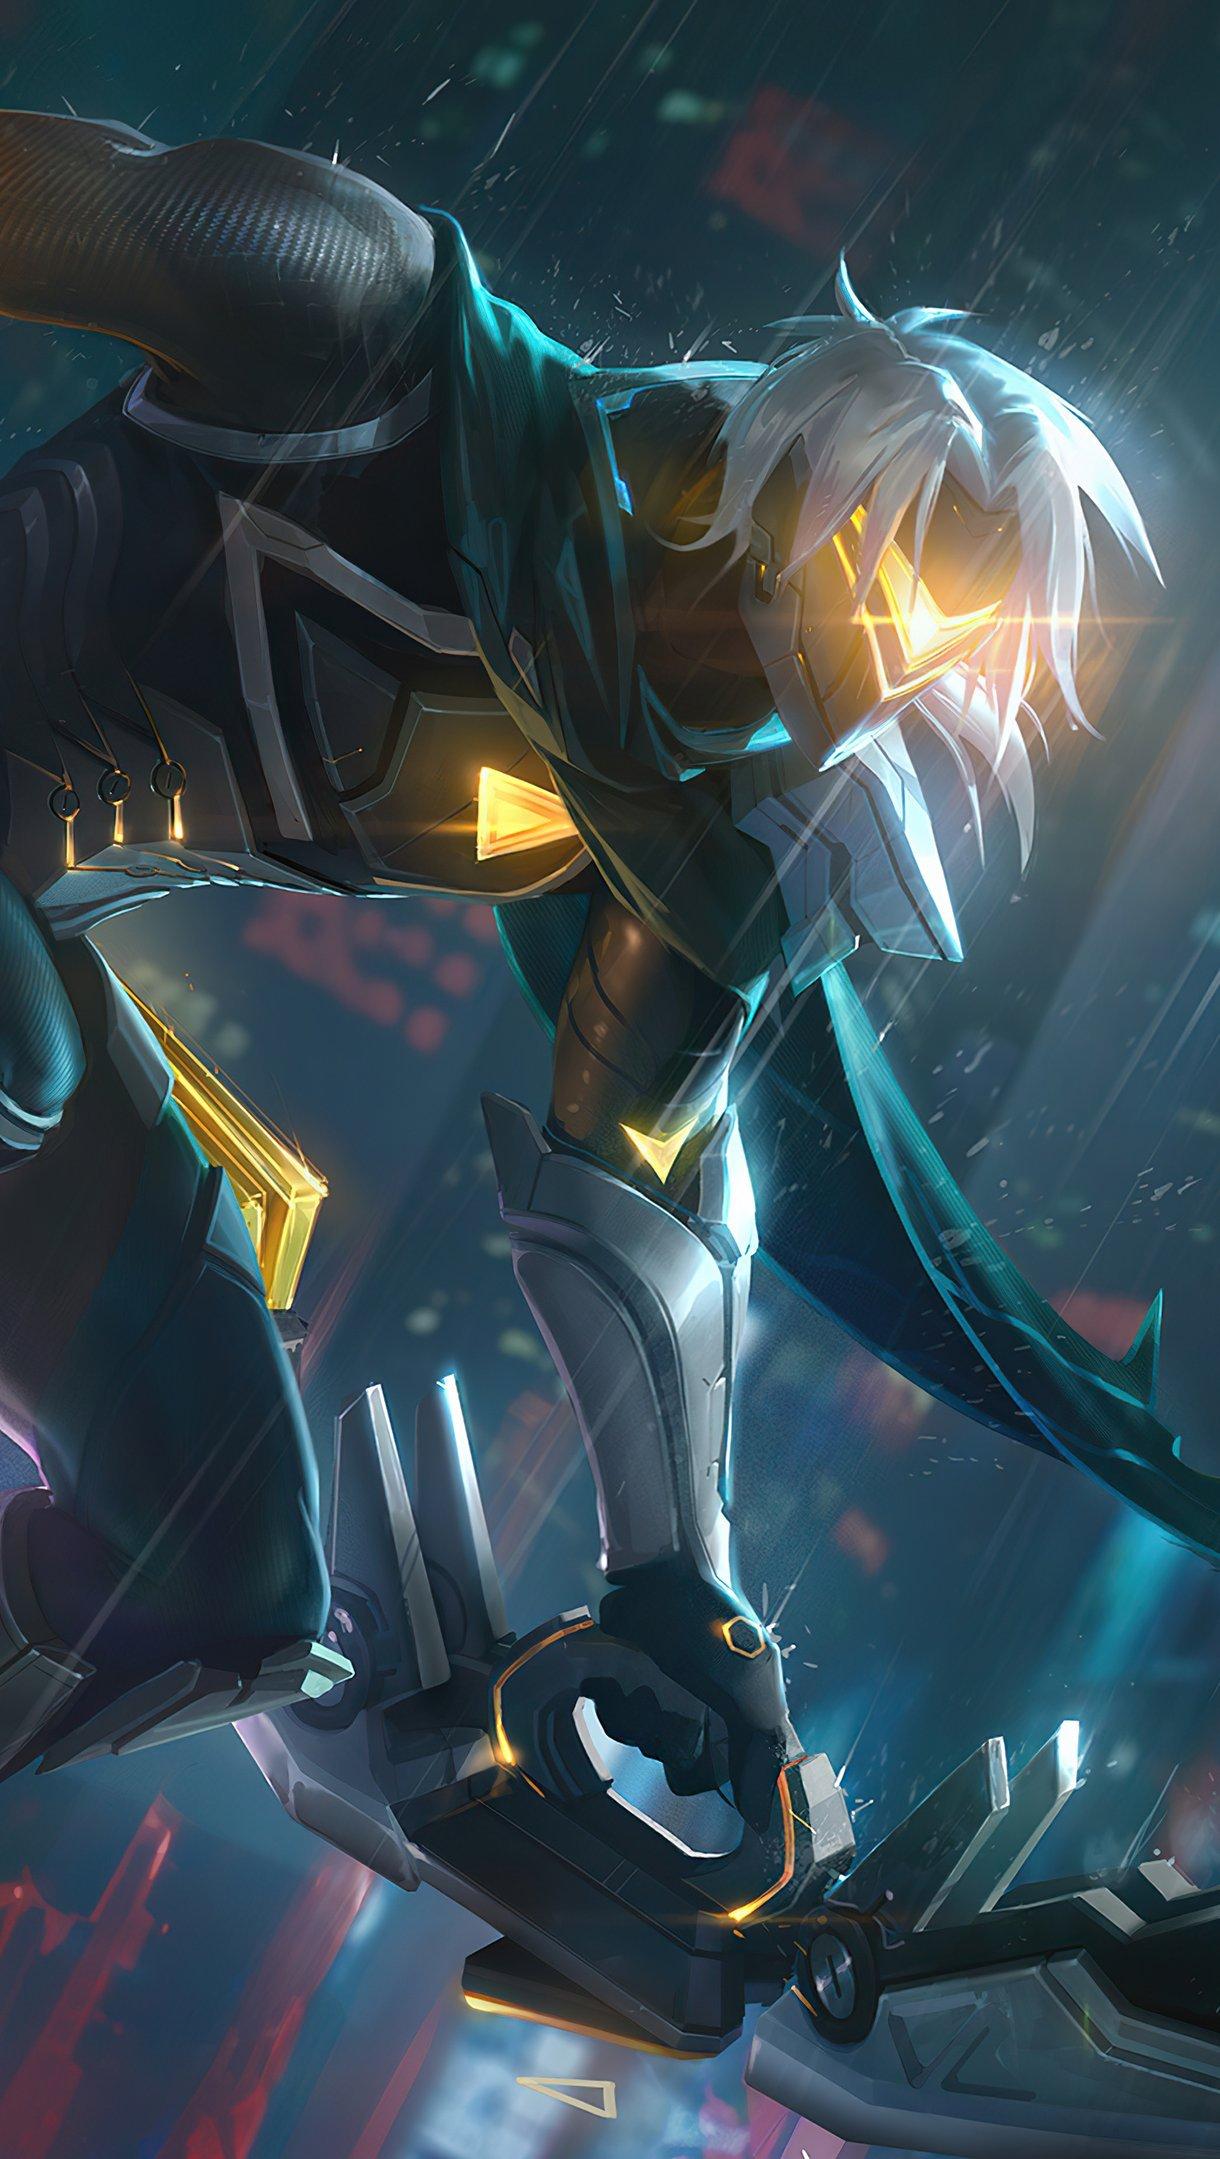 Fondos de pantalla Project Varus League of Legends Vertical